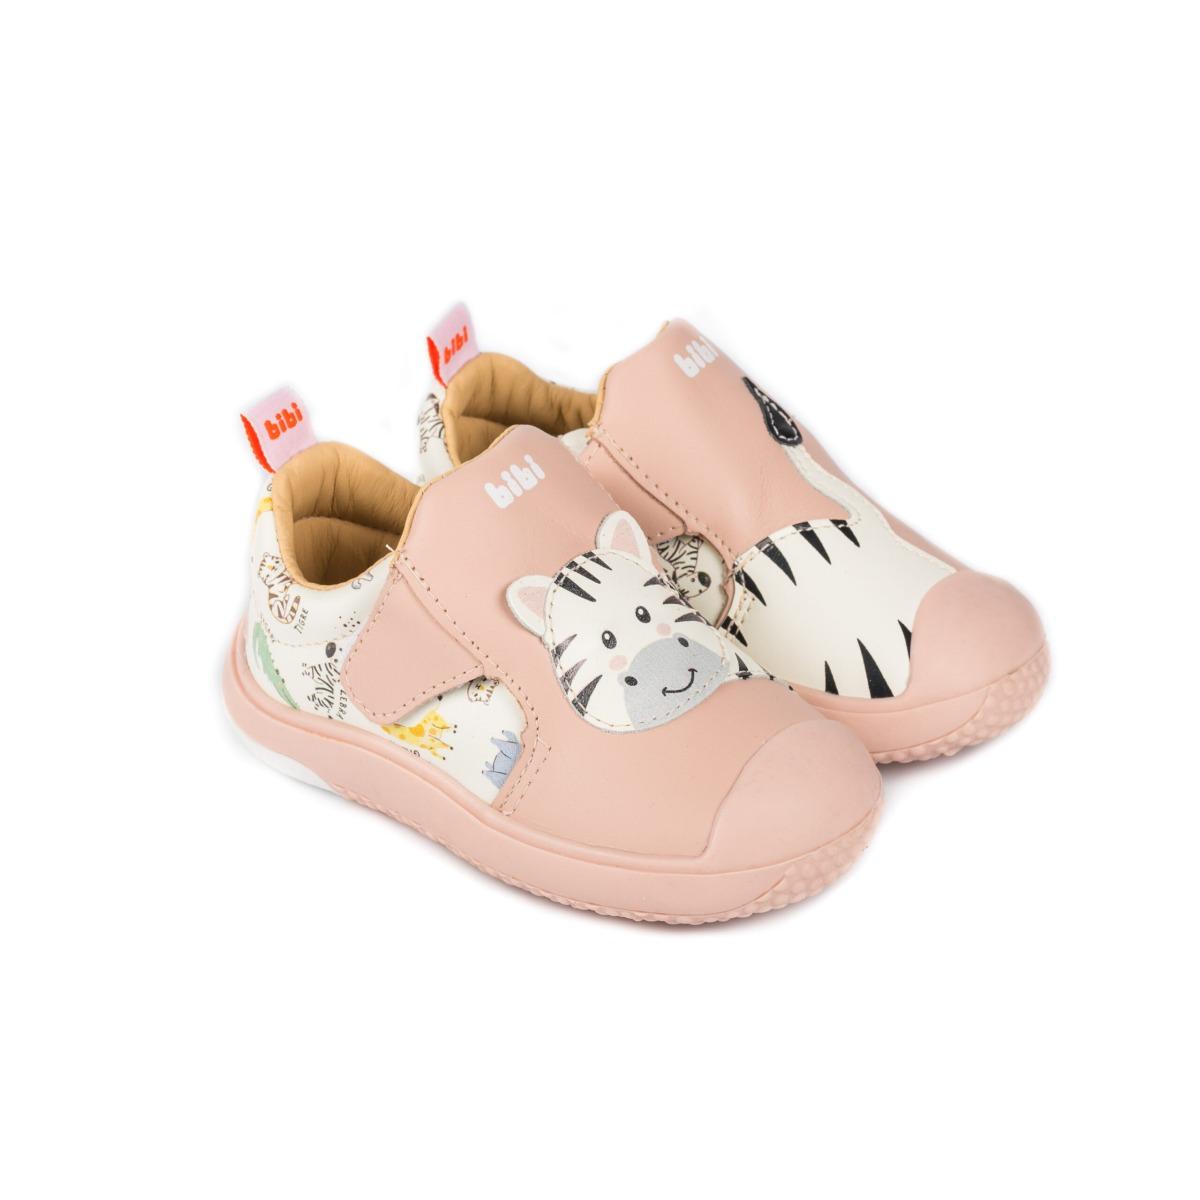 Pantofi sport Bibi Shoes Prewalker Baby Safari, Roz